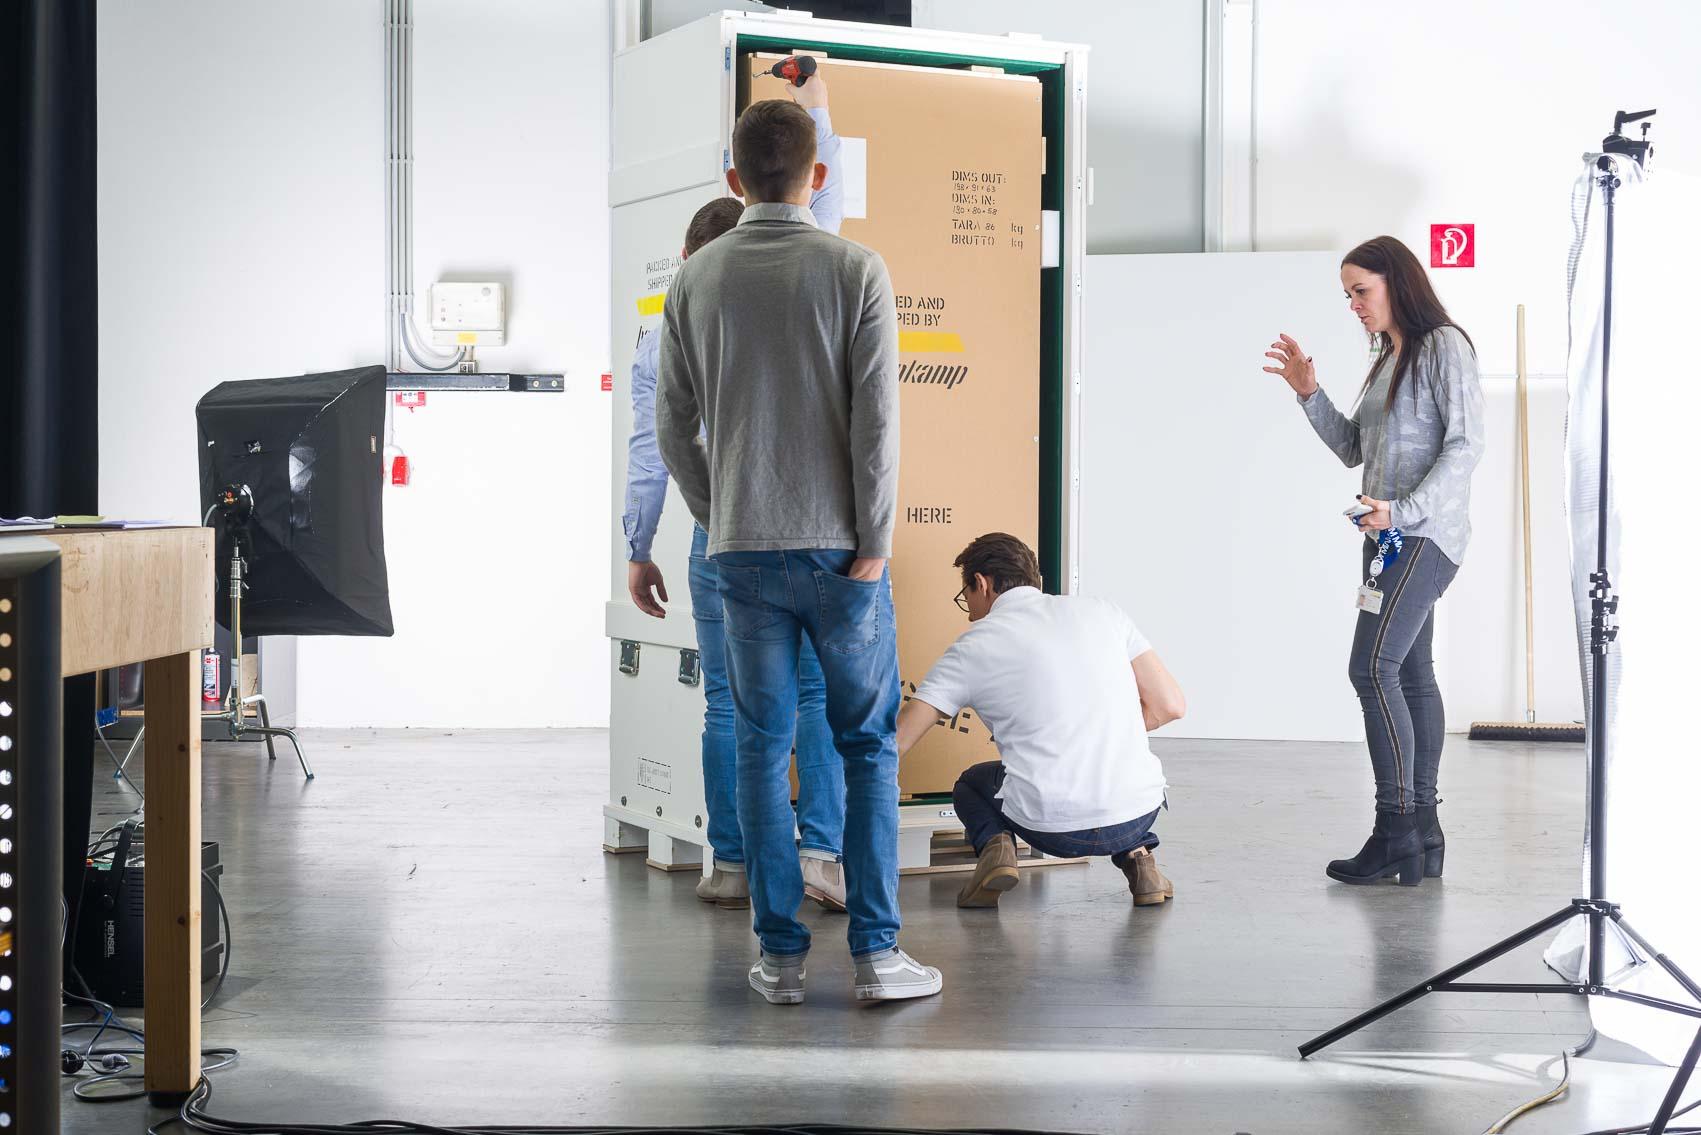 Um Produktfotos zu erstellen, wurde vor Ort im Gebäude der Firma Hasenkamp fotografiert. Dafür bringen wir alle notwendige fotografische Ausrüstung und Technik aus dem Studio mit.